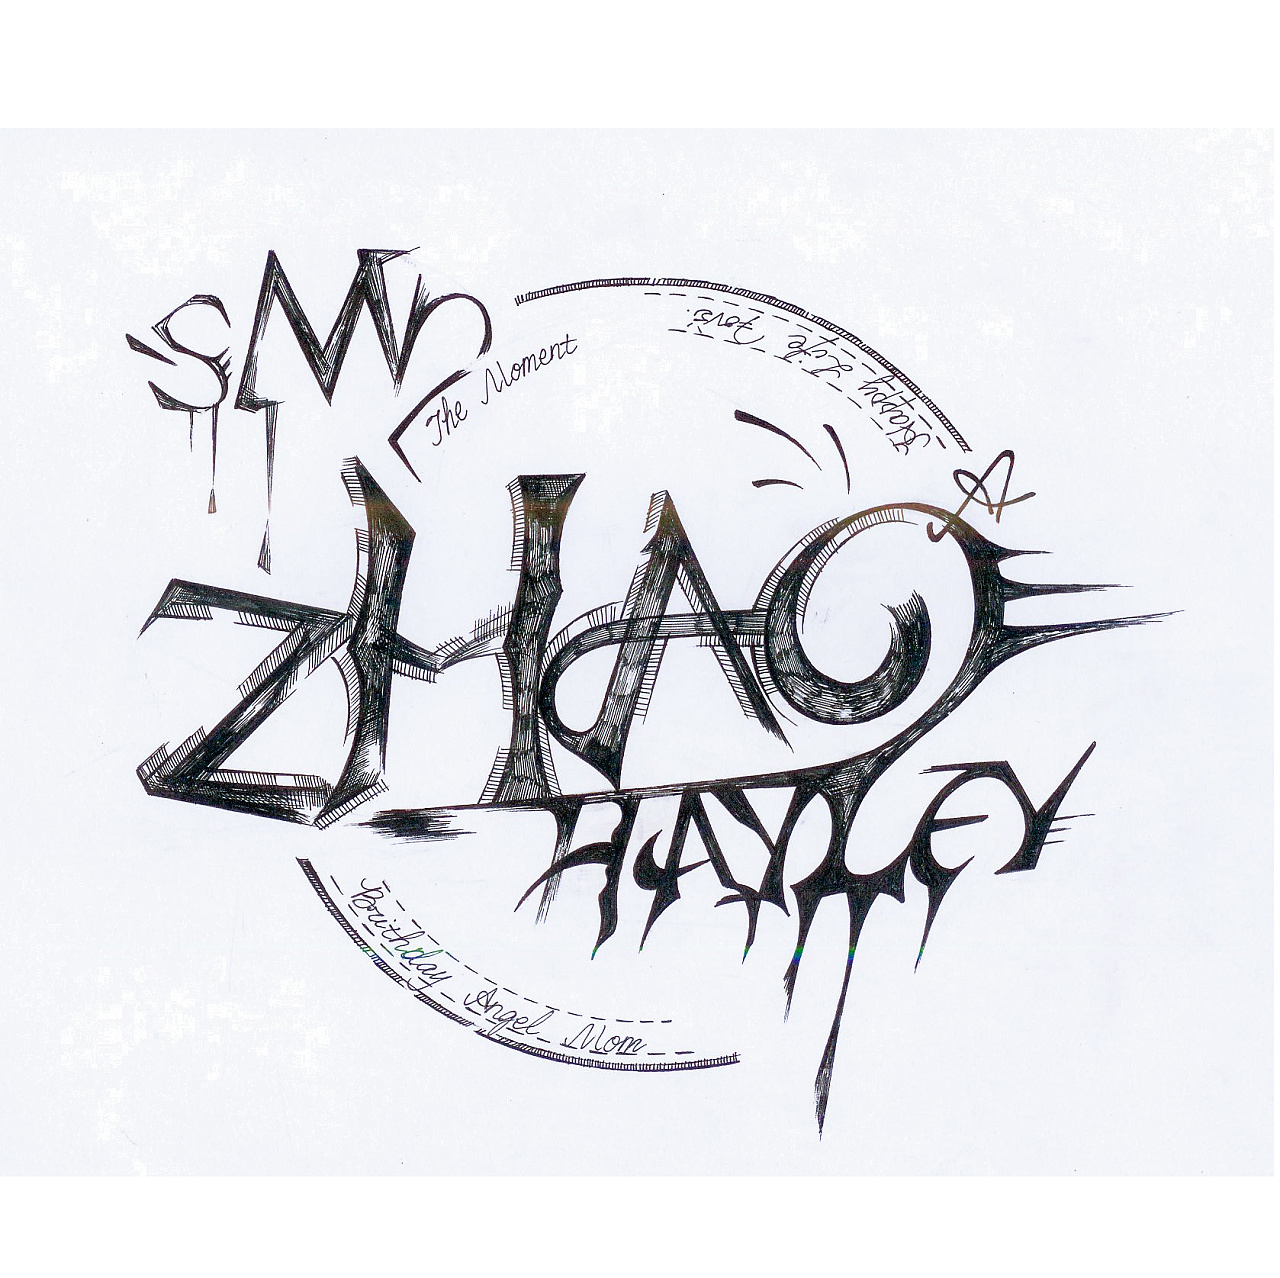 黑白字体手绘|插画|插画习作|smrzhao4295 - 原创作品